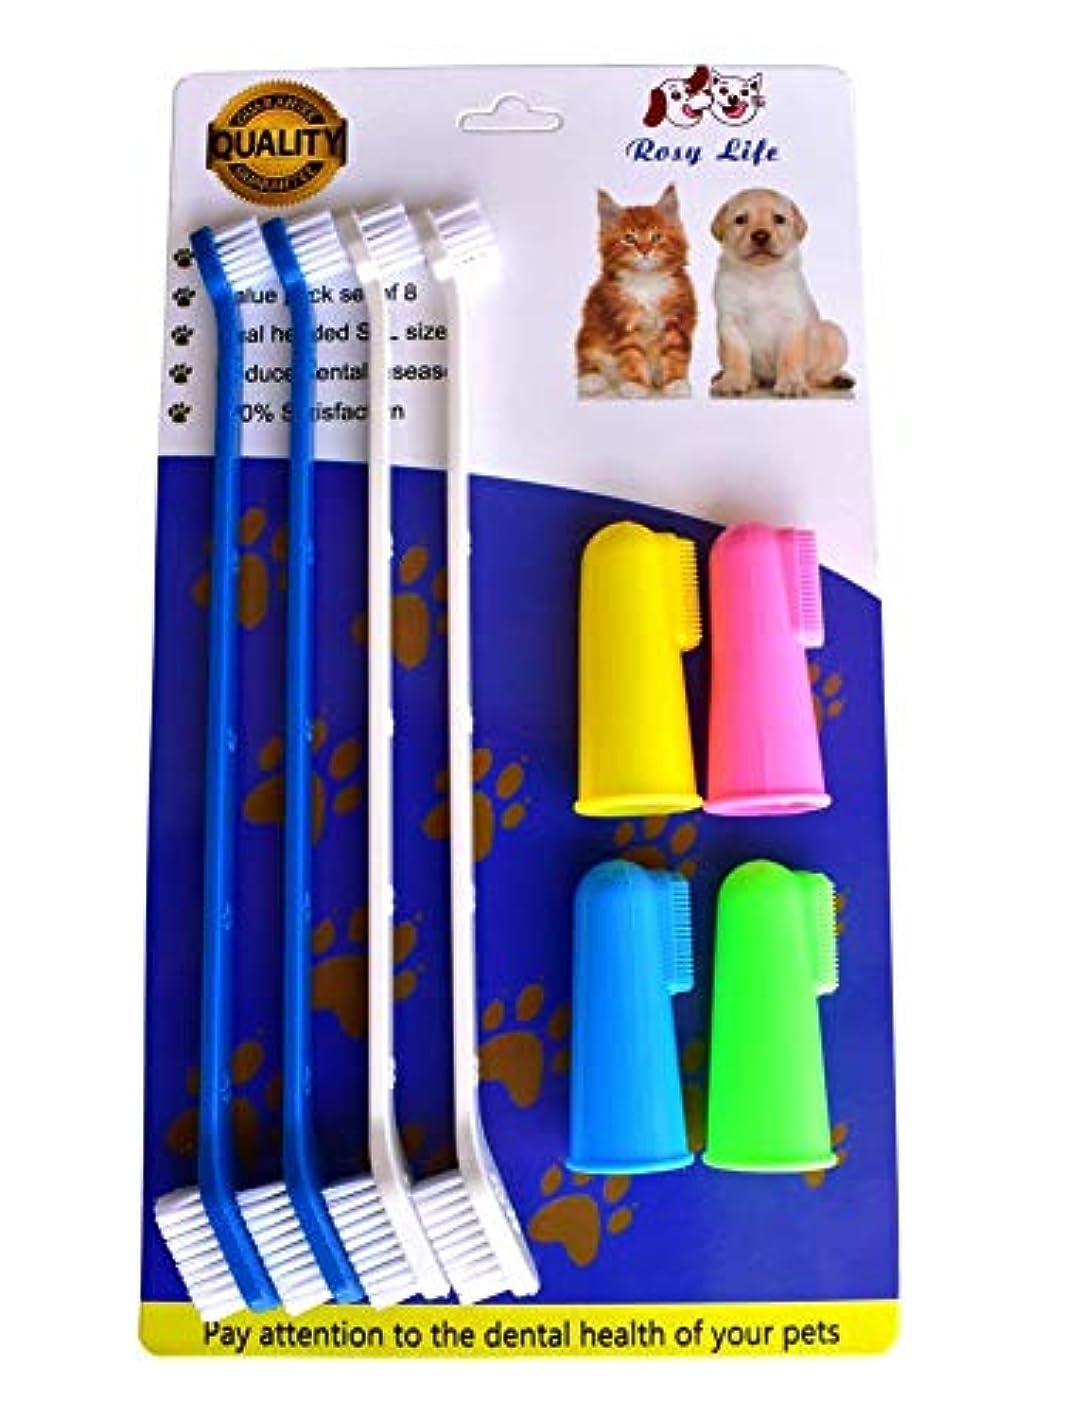 判定暴力的な講師RosyLife 大型犬 小さなペット 犬柔らかい歯ブラシ犬用歯ブラシ指歯ブラシ ペット 歯ブラシ 4中性サイズ+ 4頭歯ブラシ